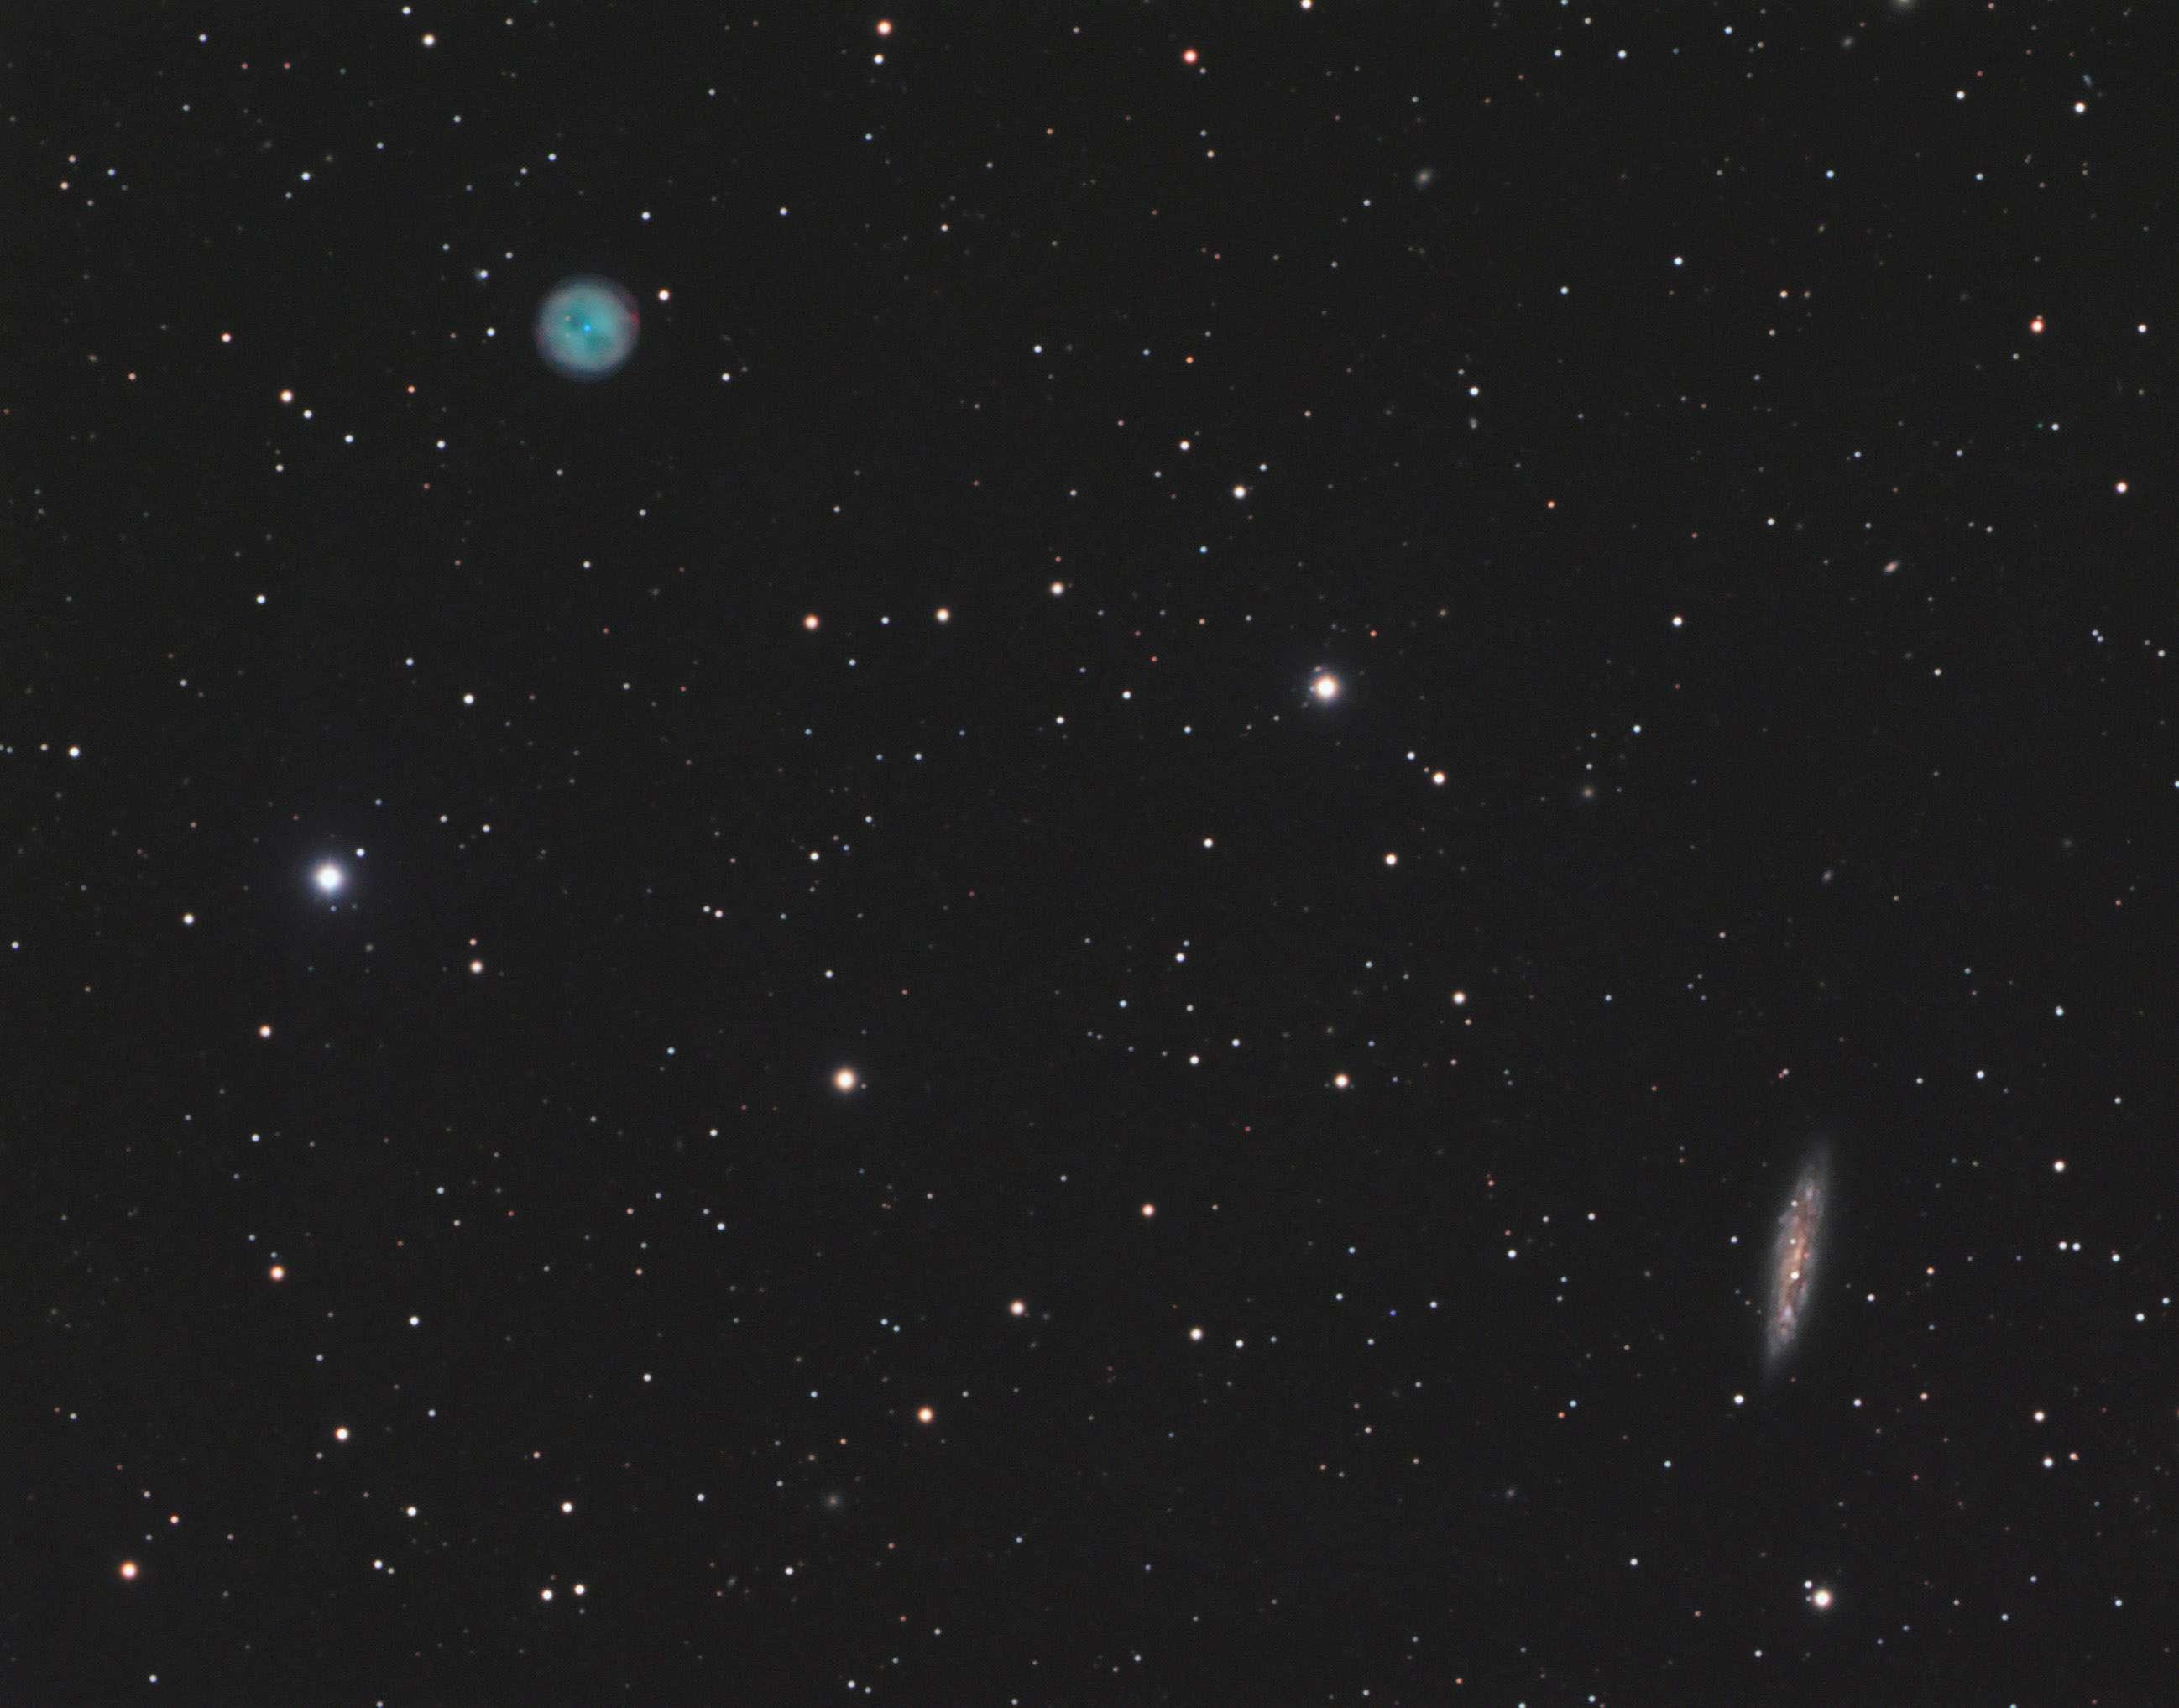 M97 - M108 12058-10